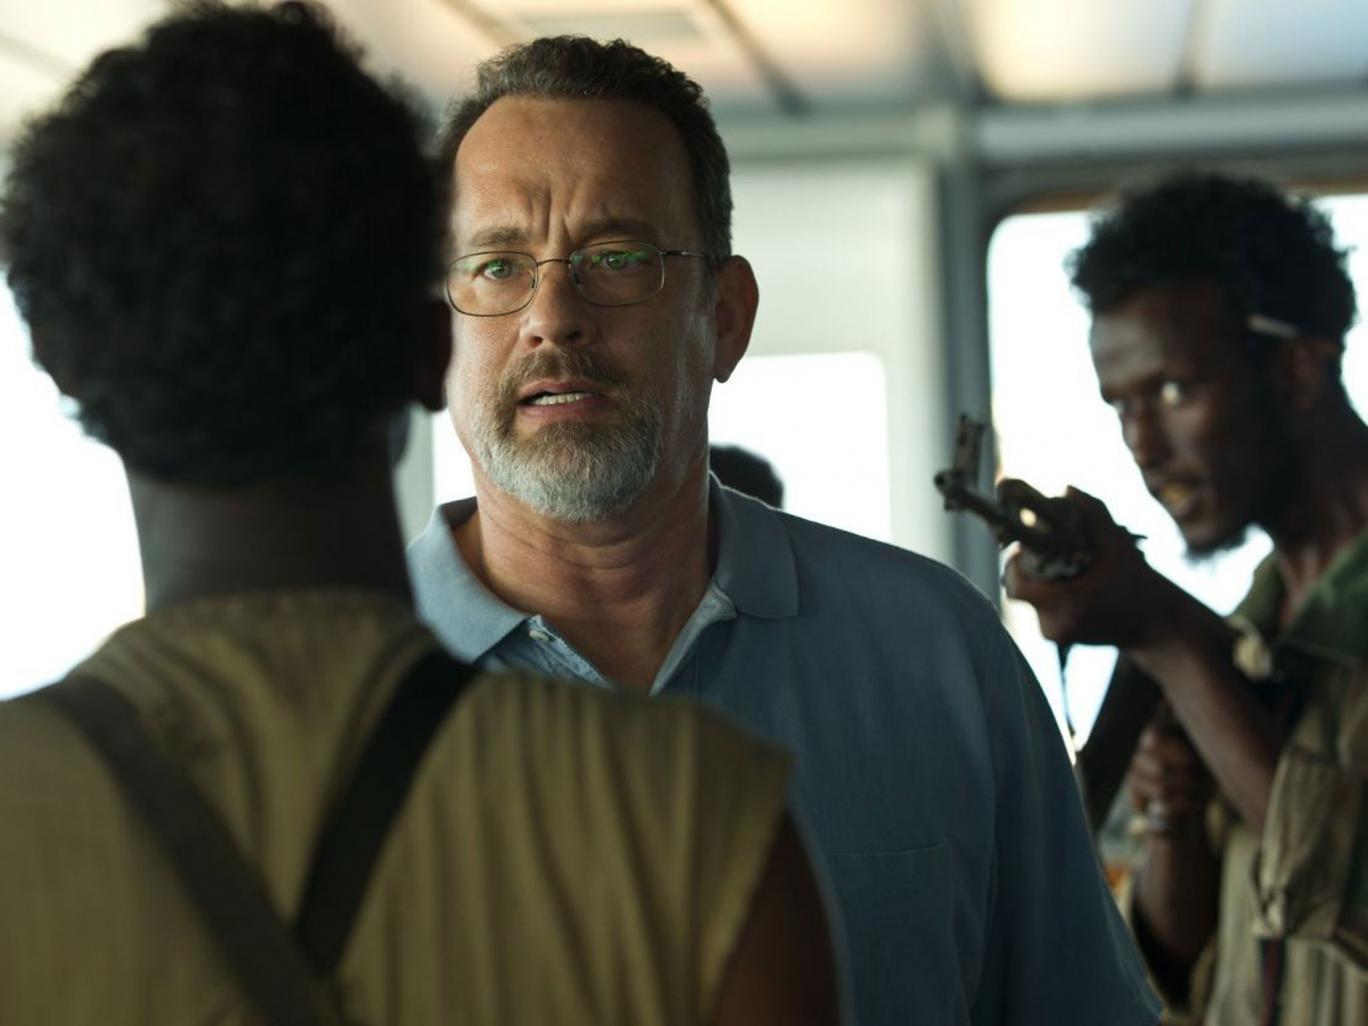 Tom Hanks stars in Captain Phillips